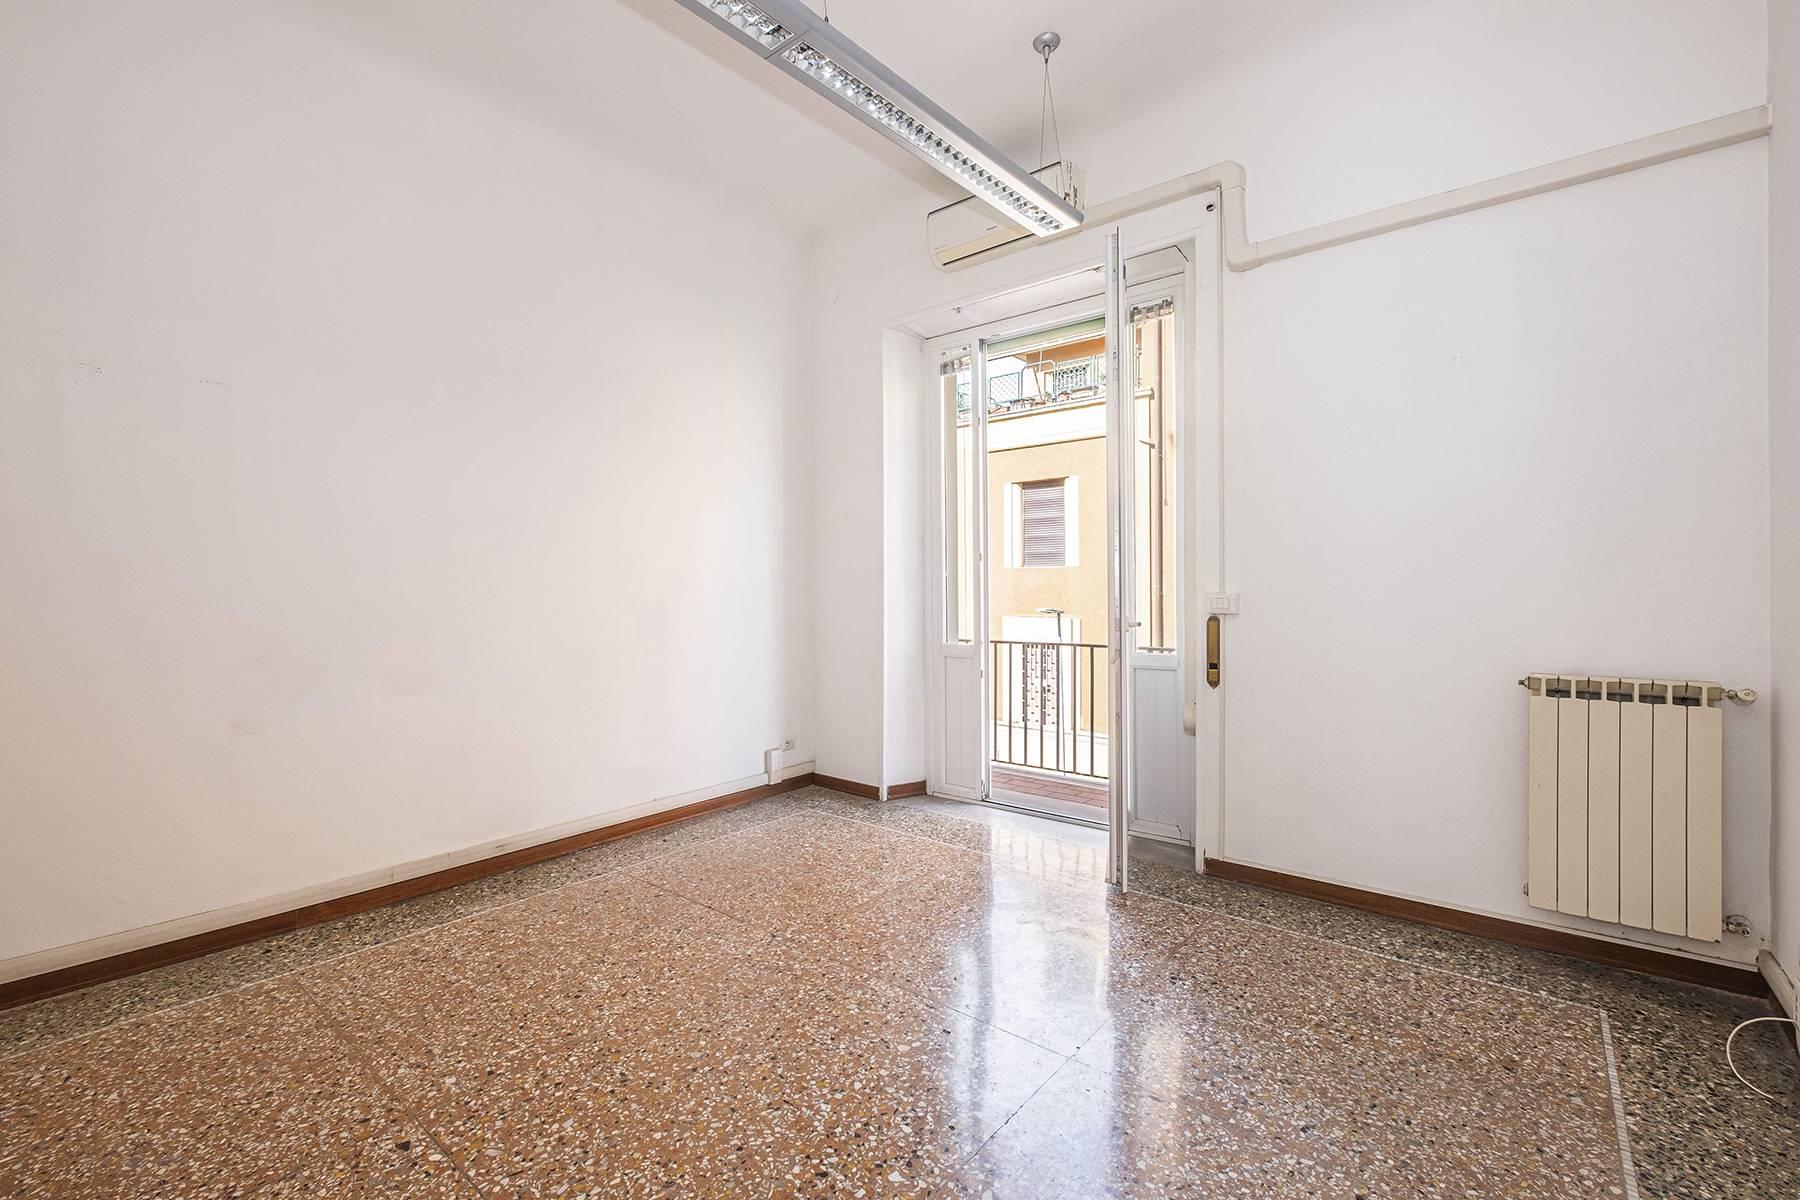 Elegante appartamento nei pressi di Villa Torlonia - 19